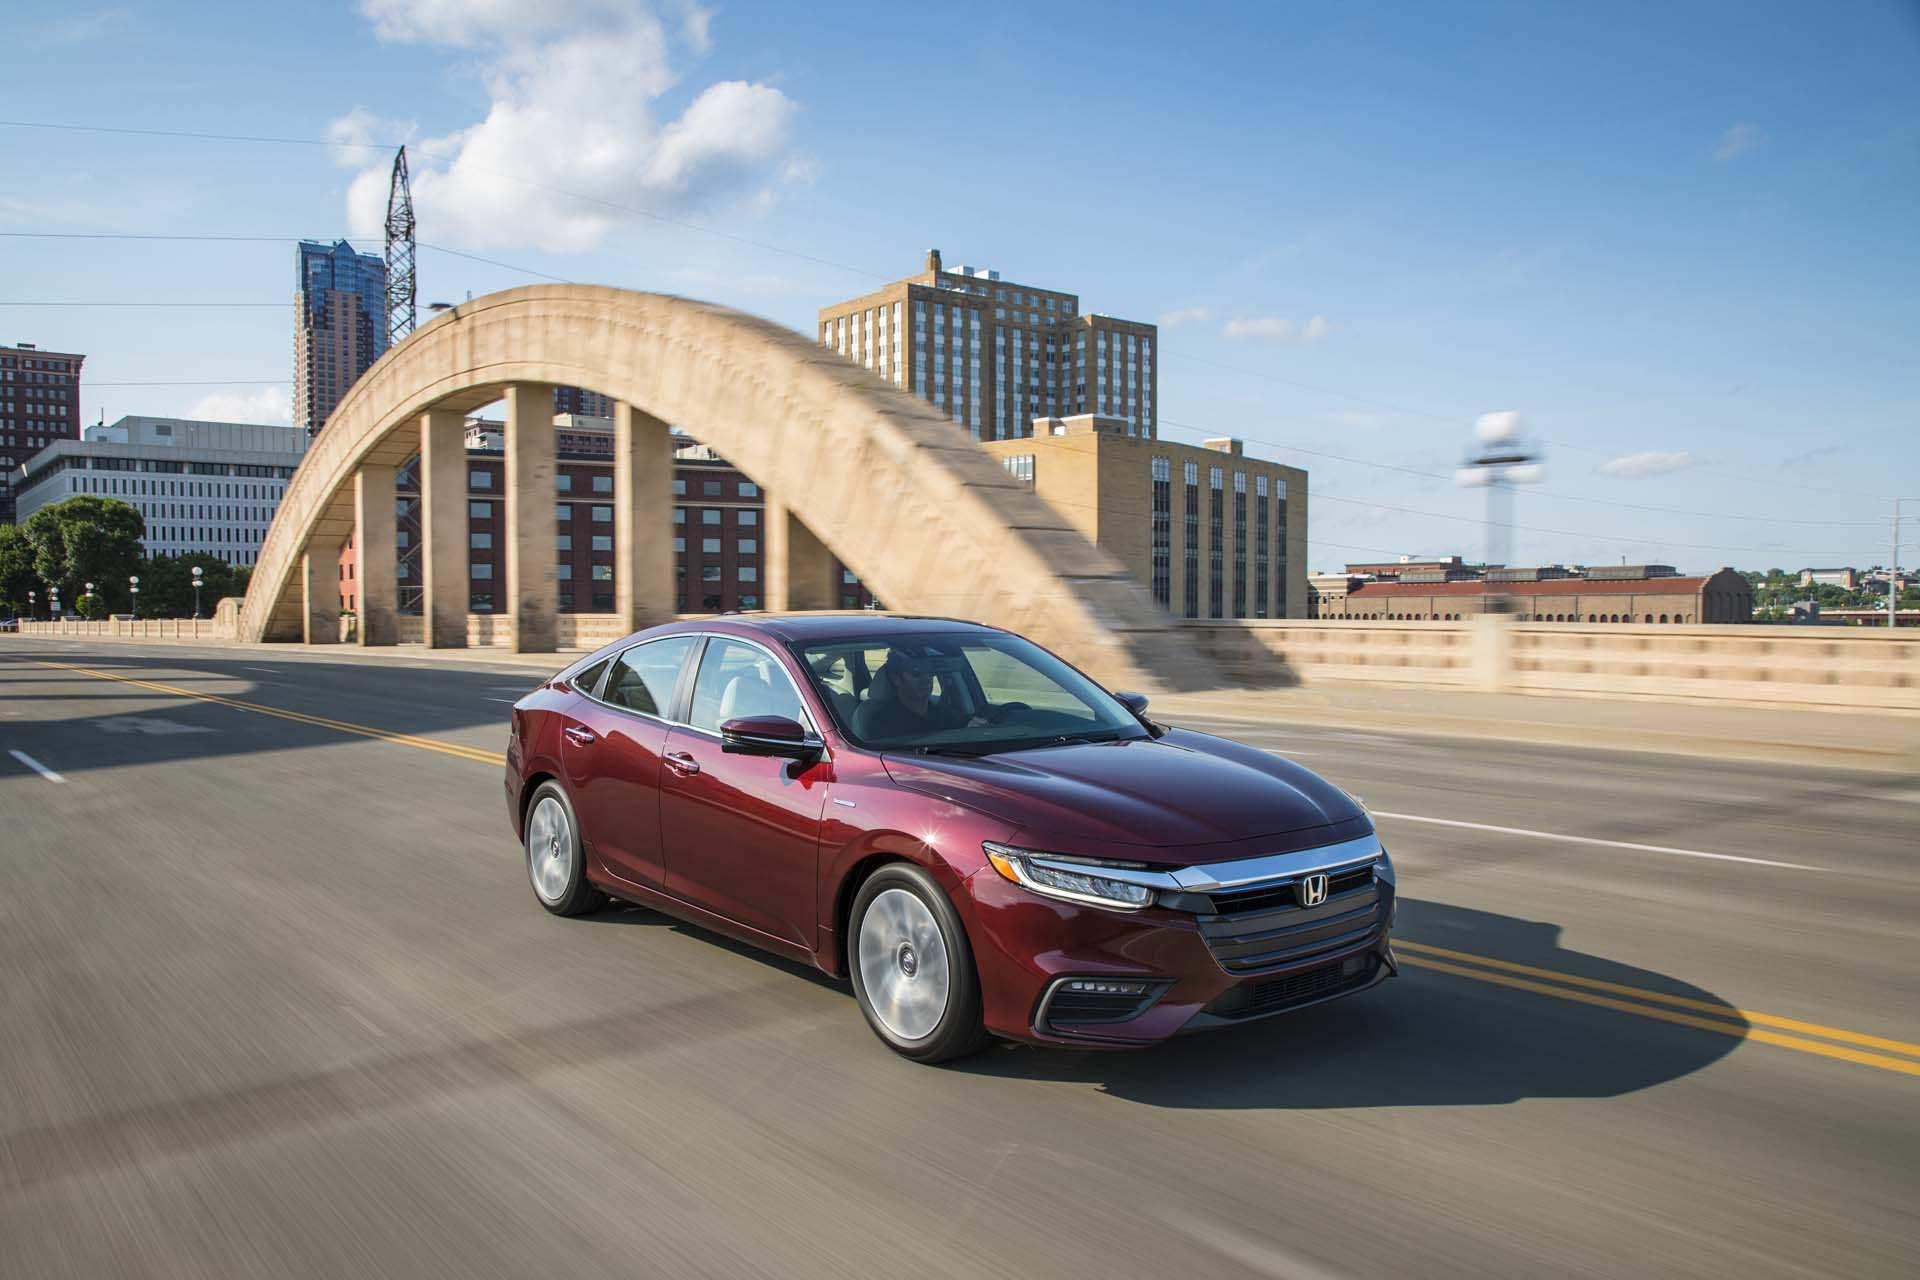 26 Concept of Tesla Autopilot 2019 Price with Tesla Autopilot 2019